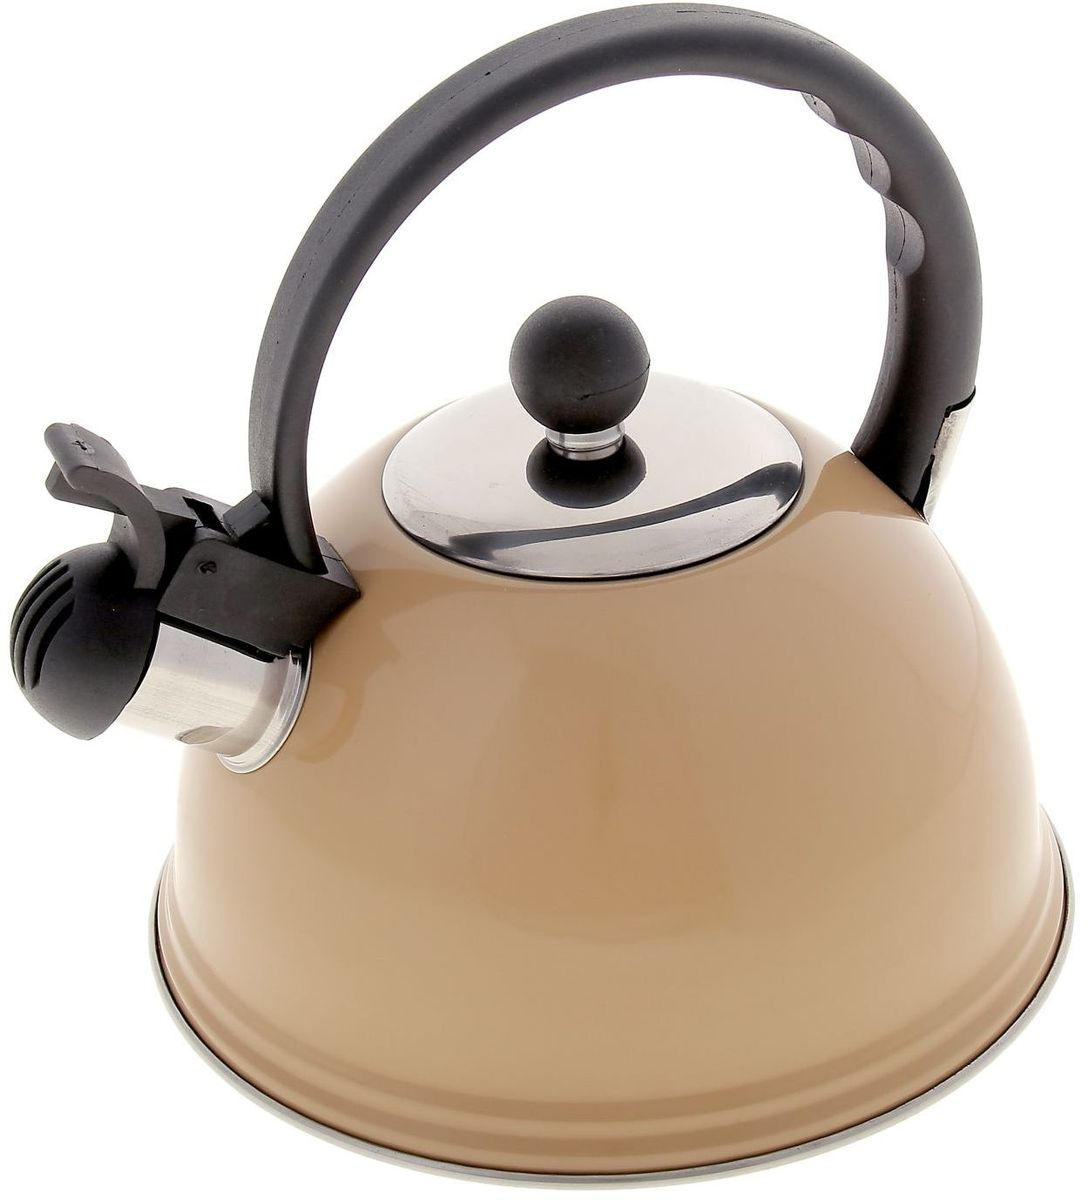 Чайник Доляна Элит, со свистком, цвет: бежевый, 1 л851952Чайник выполнен из высококачественной нержавеющей стали, что обеспечивает долговечность использования. Внешнее зеркальное покрытие придает приятный внешний вид. Бакелитовая ручка делает использование чайника очень удобным и безопасным.Можно мыть в посудомоечной машине. Пригоден для всех видов плит, кроме индукционных.